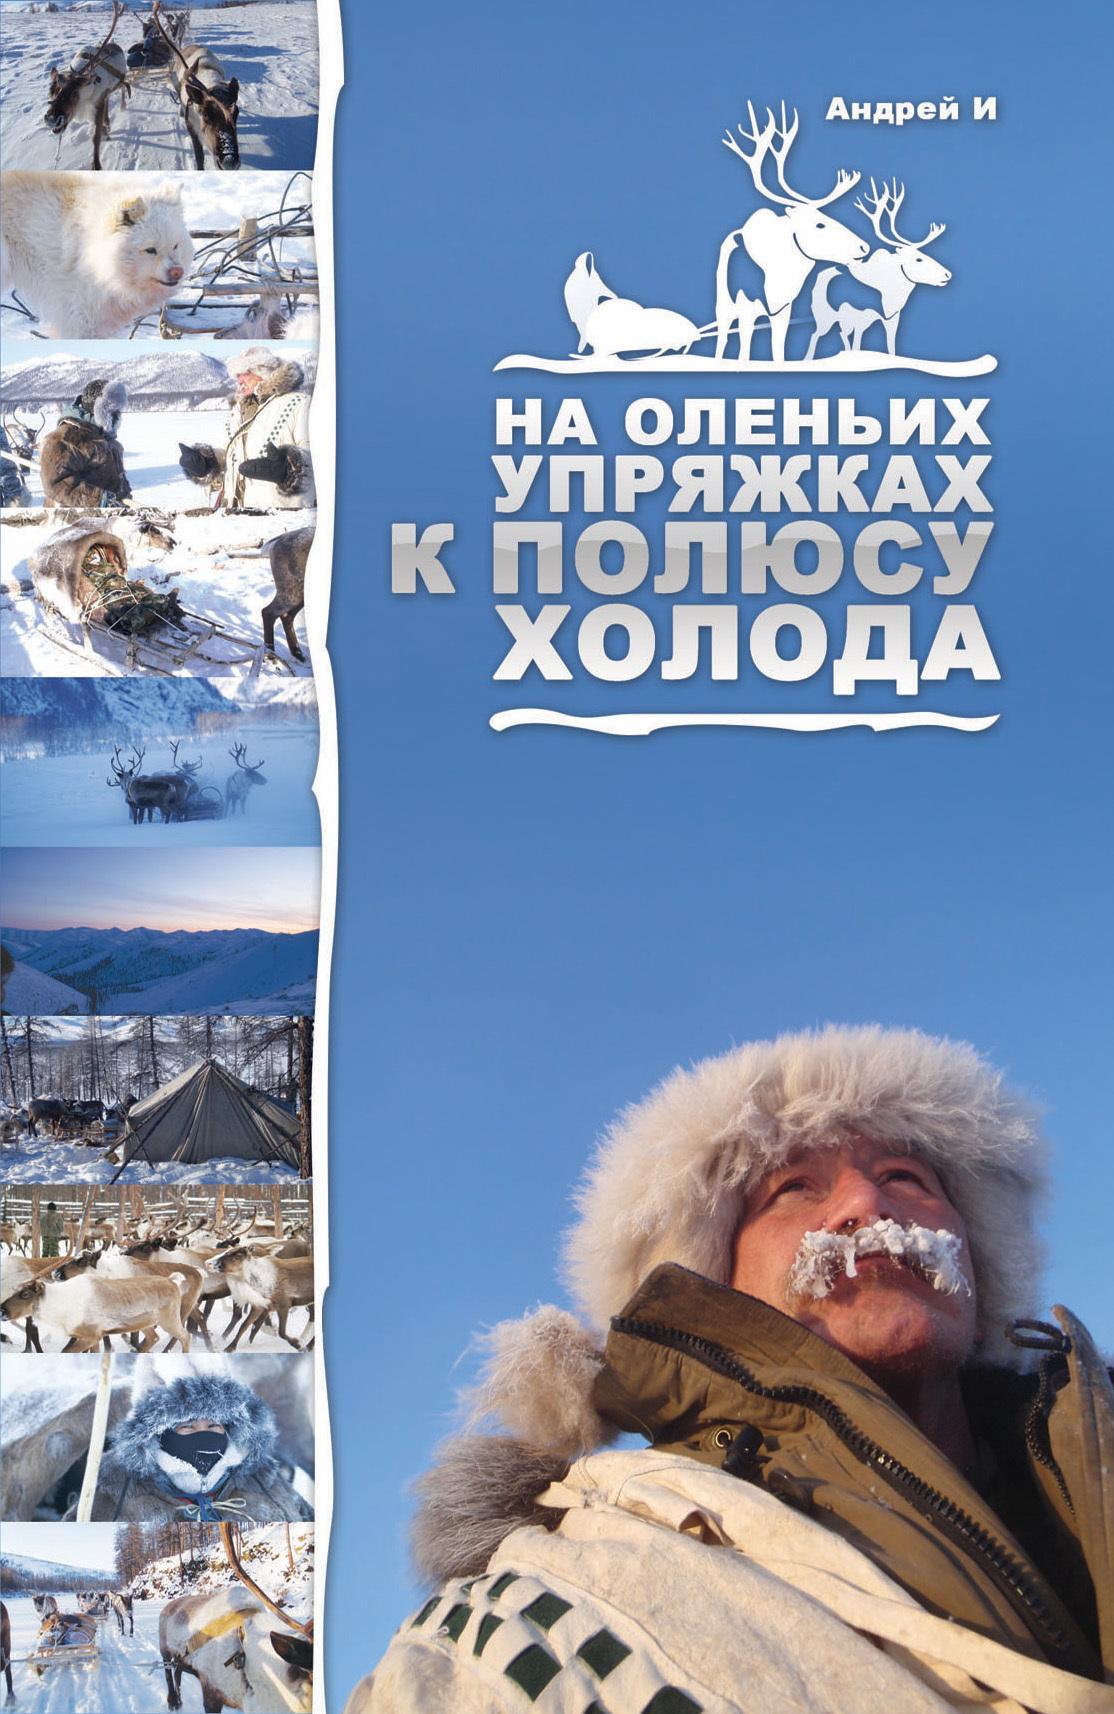 Андрей И - На оленьих упряжках к Полюсу холода